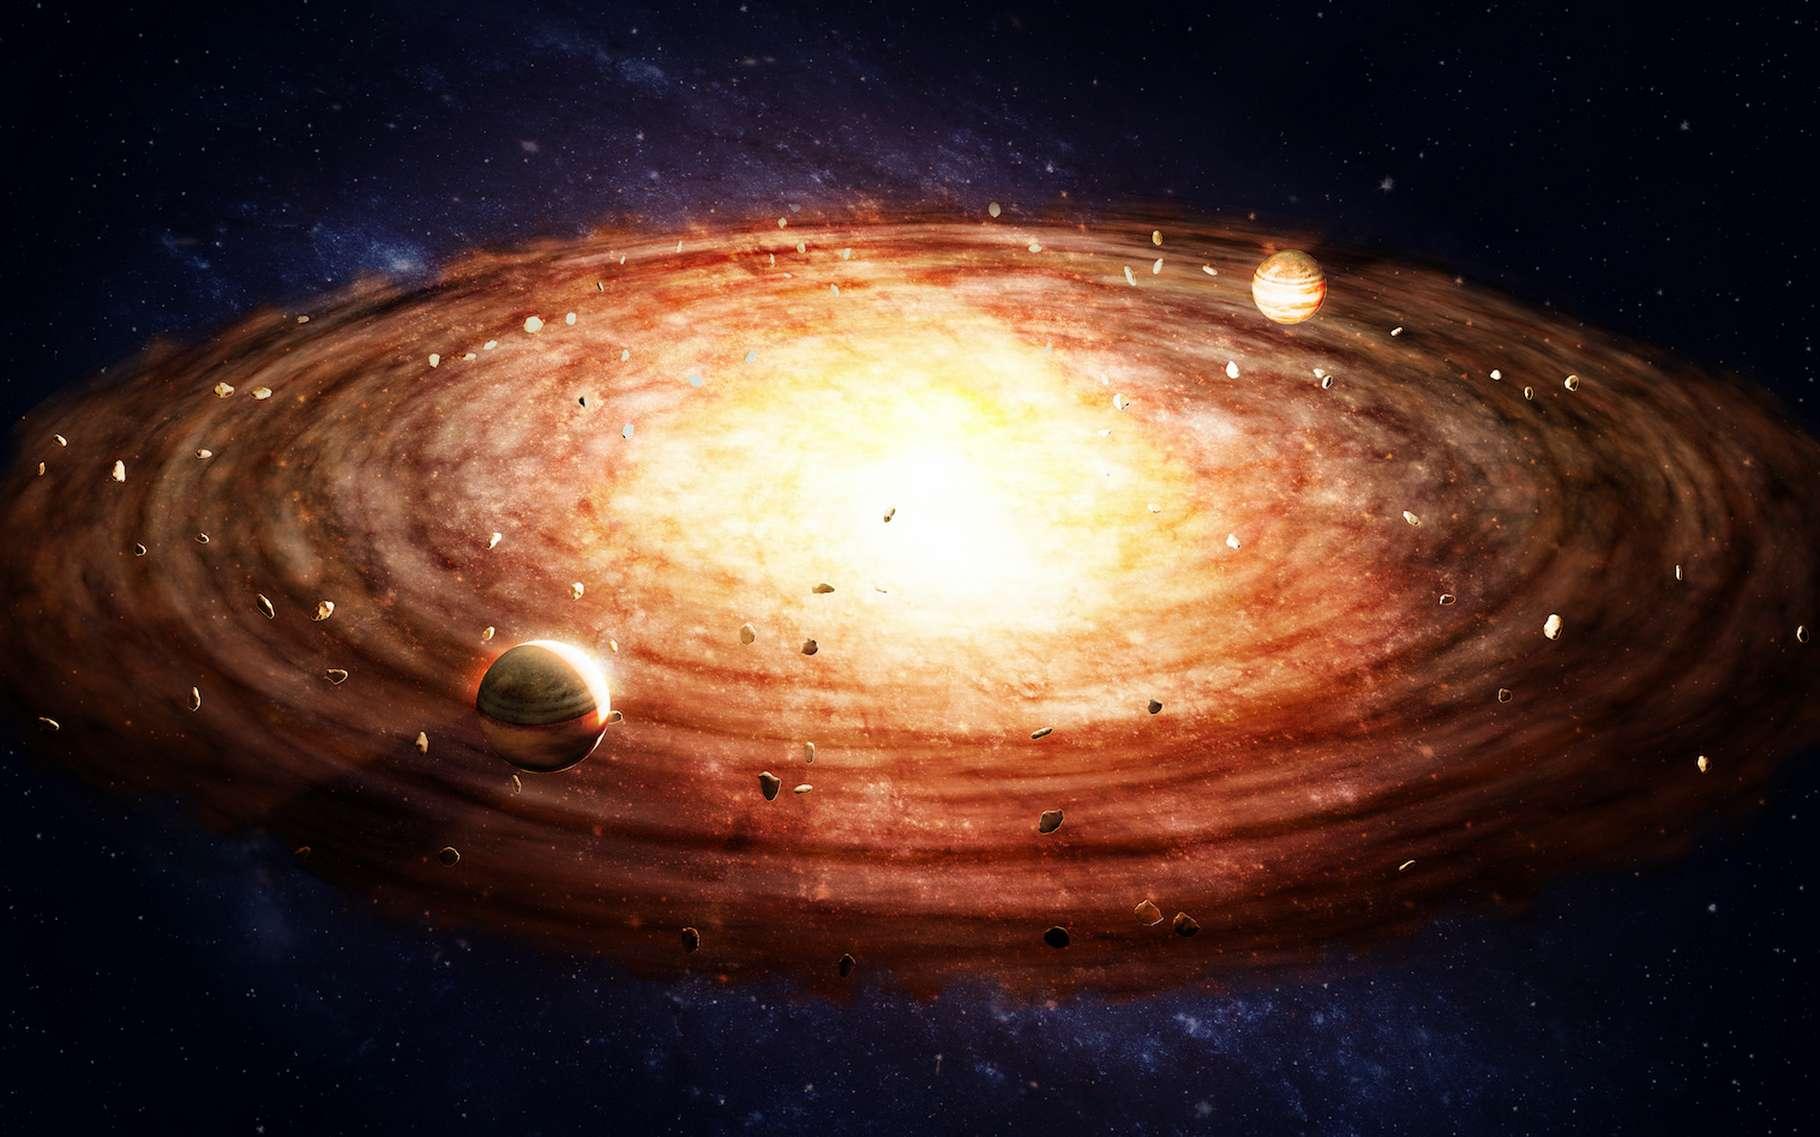 Des chercheurs ont décidé de scruter des disques protoplanétaires en quête de molécules organiques. Leur objectif : comprendre si la vie a pu émerger ailleurs dans l'Univers. © Mopic, Adobe Stock